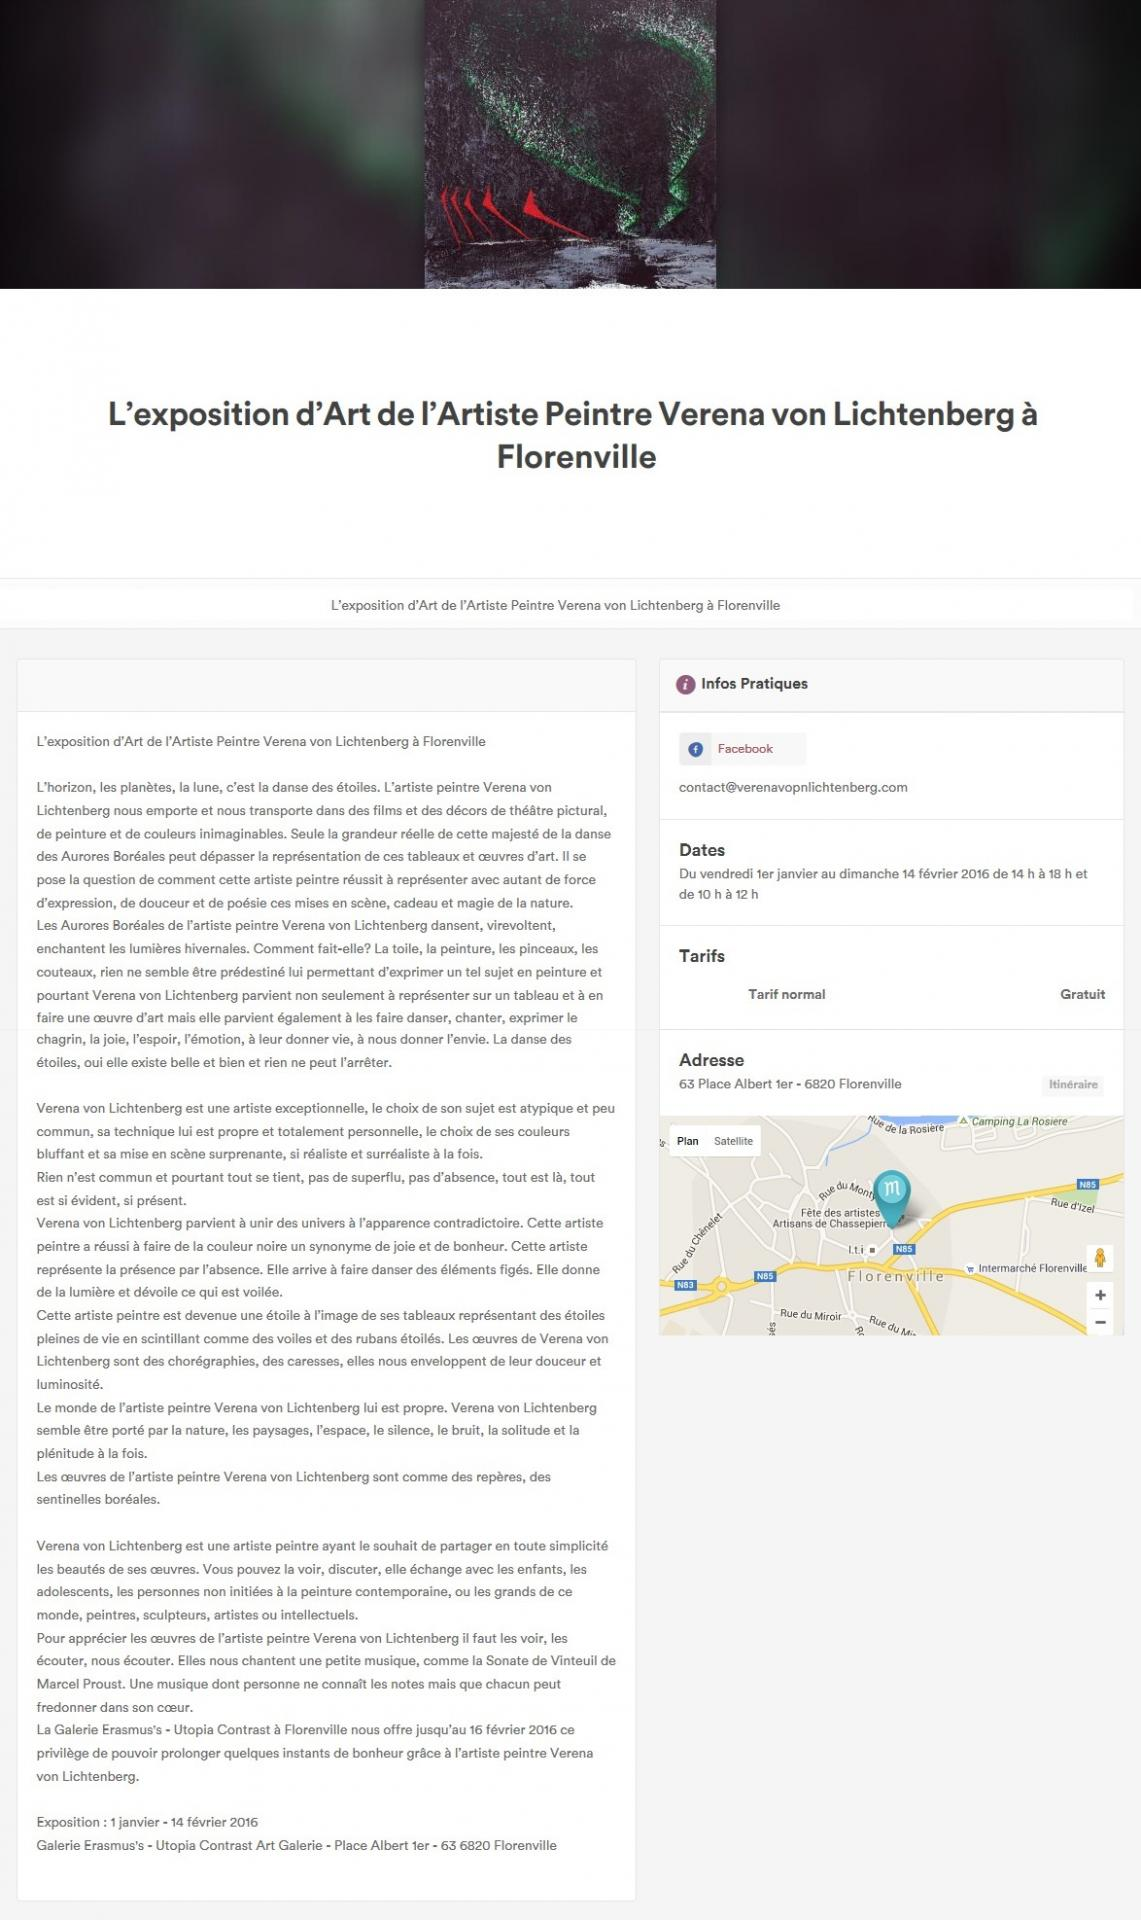 1 florenville eine kunstausstellung der malerin verena von lichtenberg in der utopian art galerie nord licht